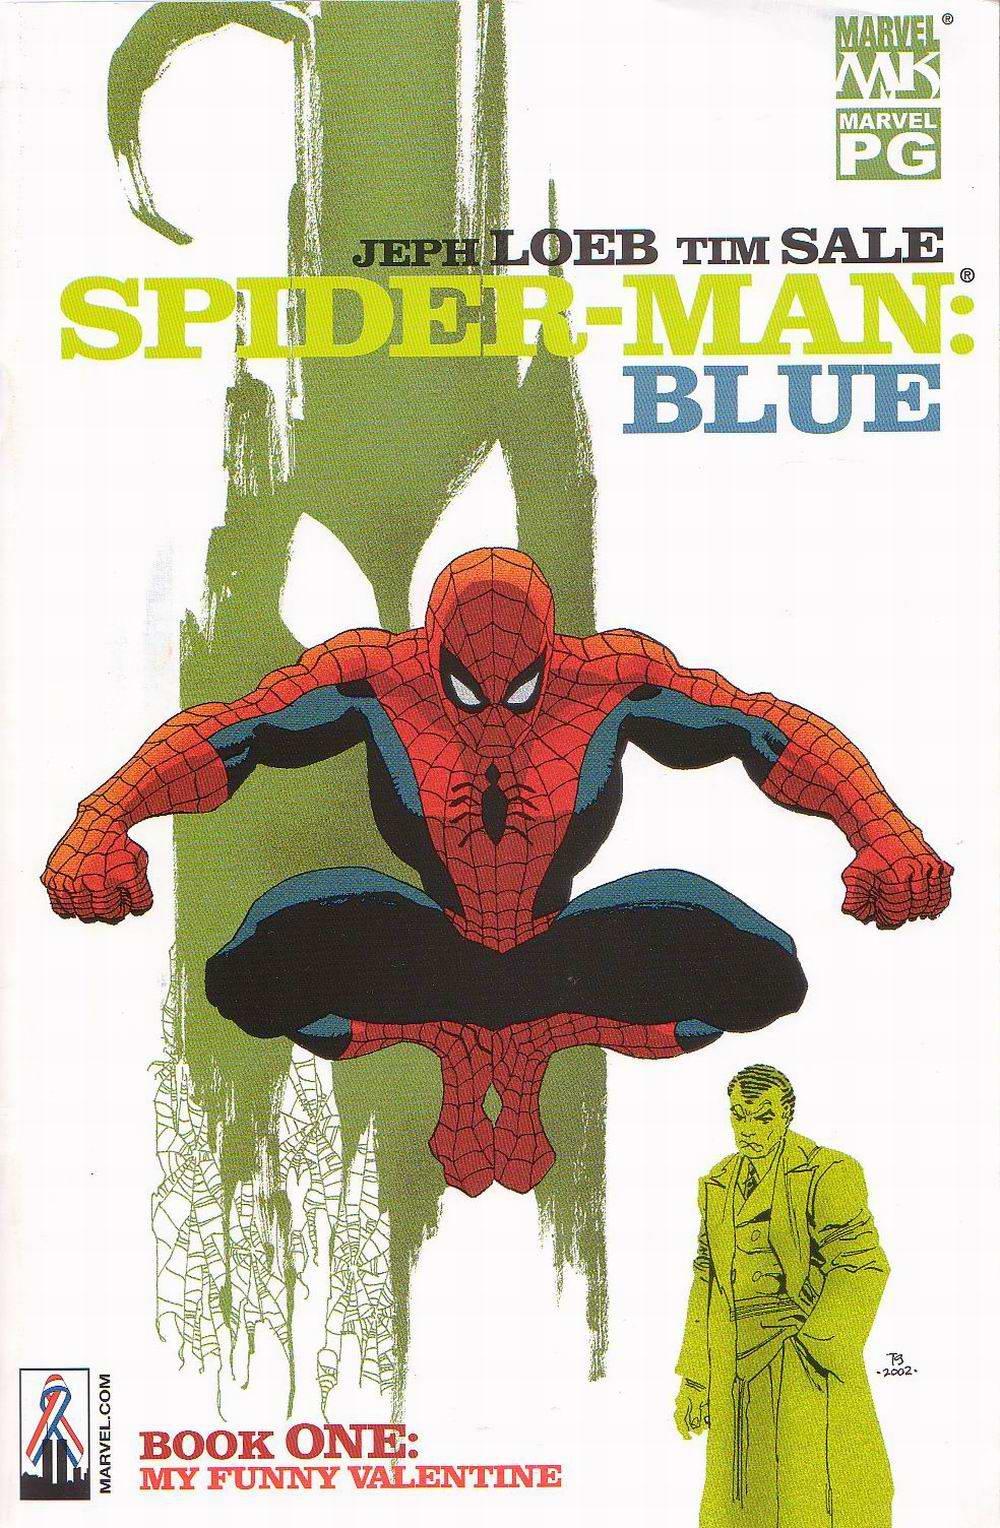 Человек-паук: Рейми или Уэбб?   Канобу - Изображение 10714